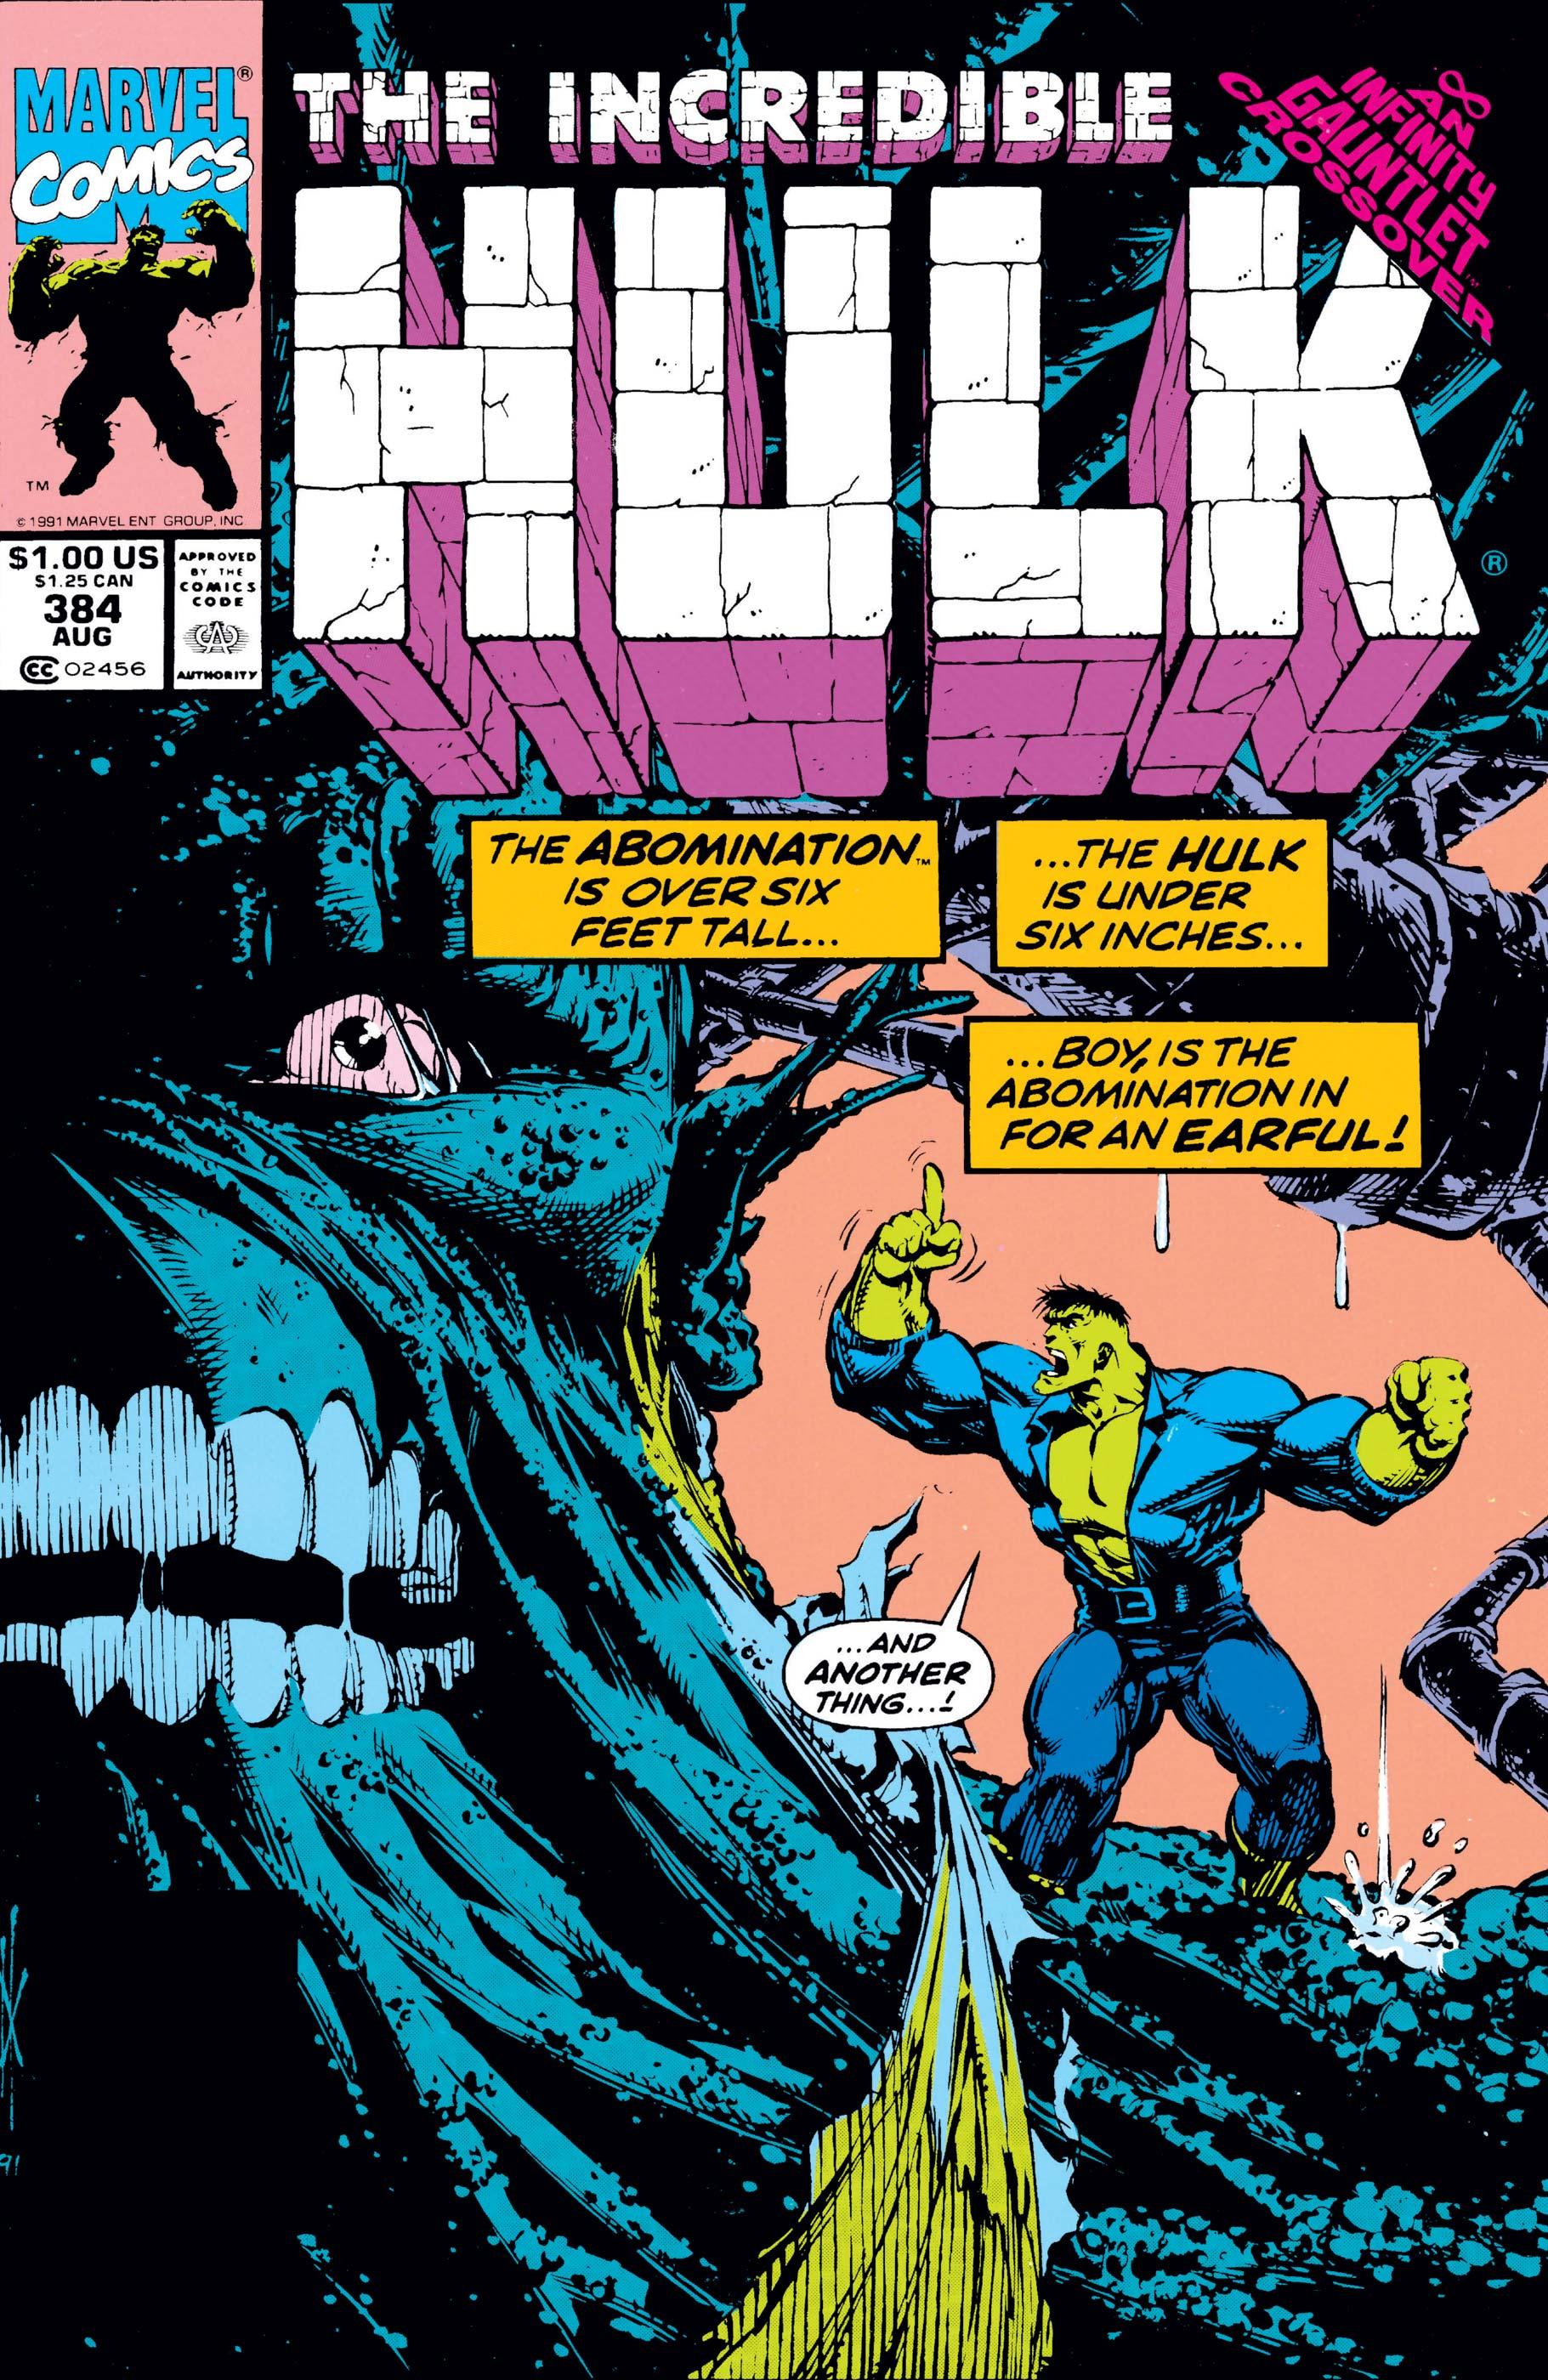 Incredible Hulk (1962) #384